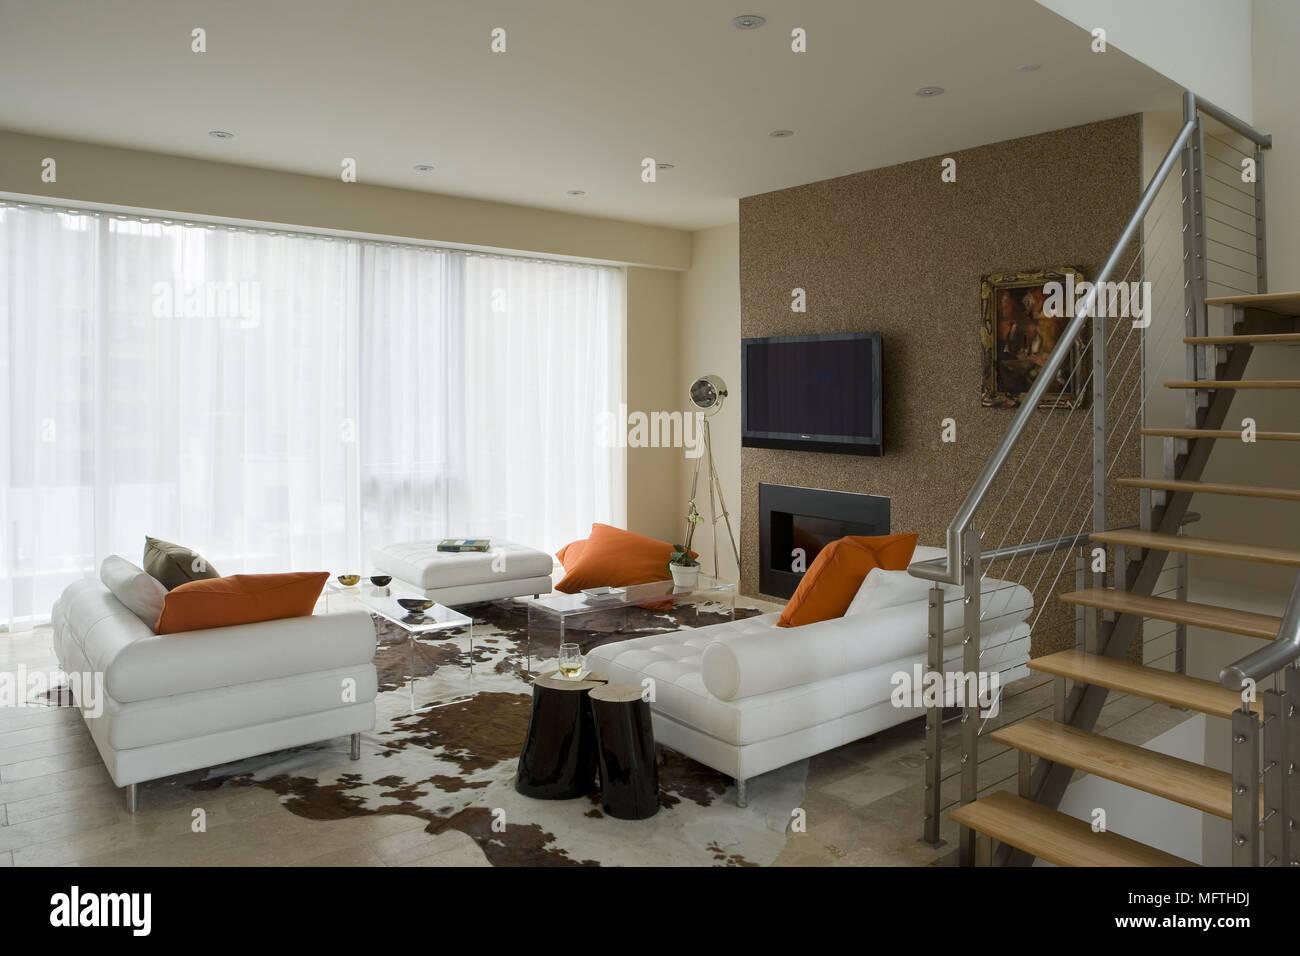 Cadre Au Dessus Du Canapé canapé face à la télévision fixée au mur au-dessus de